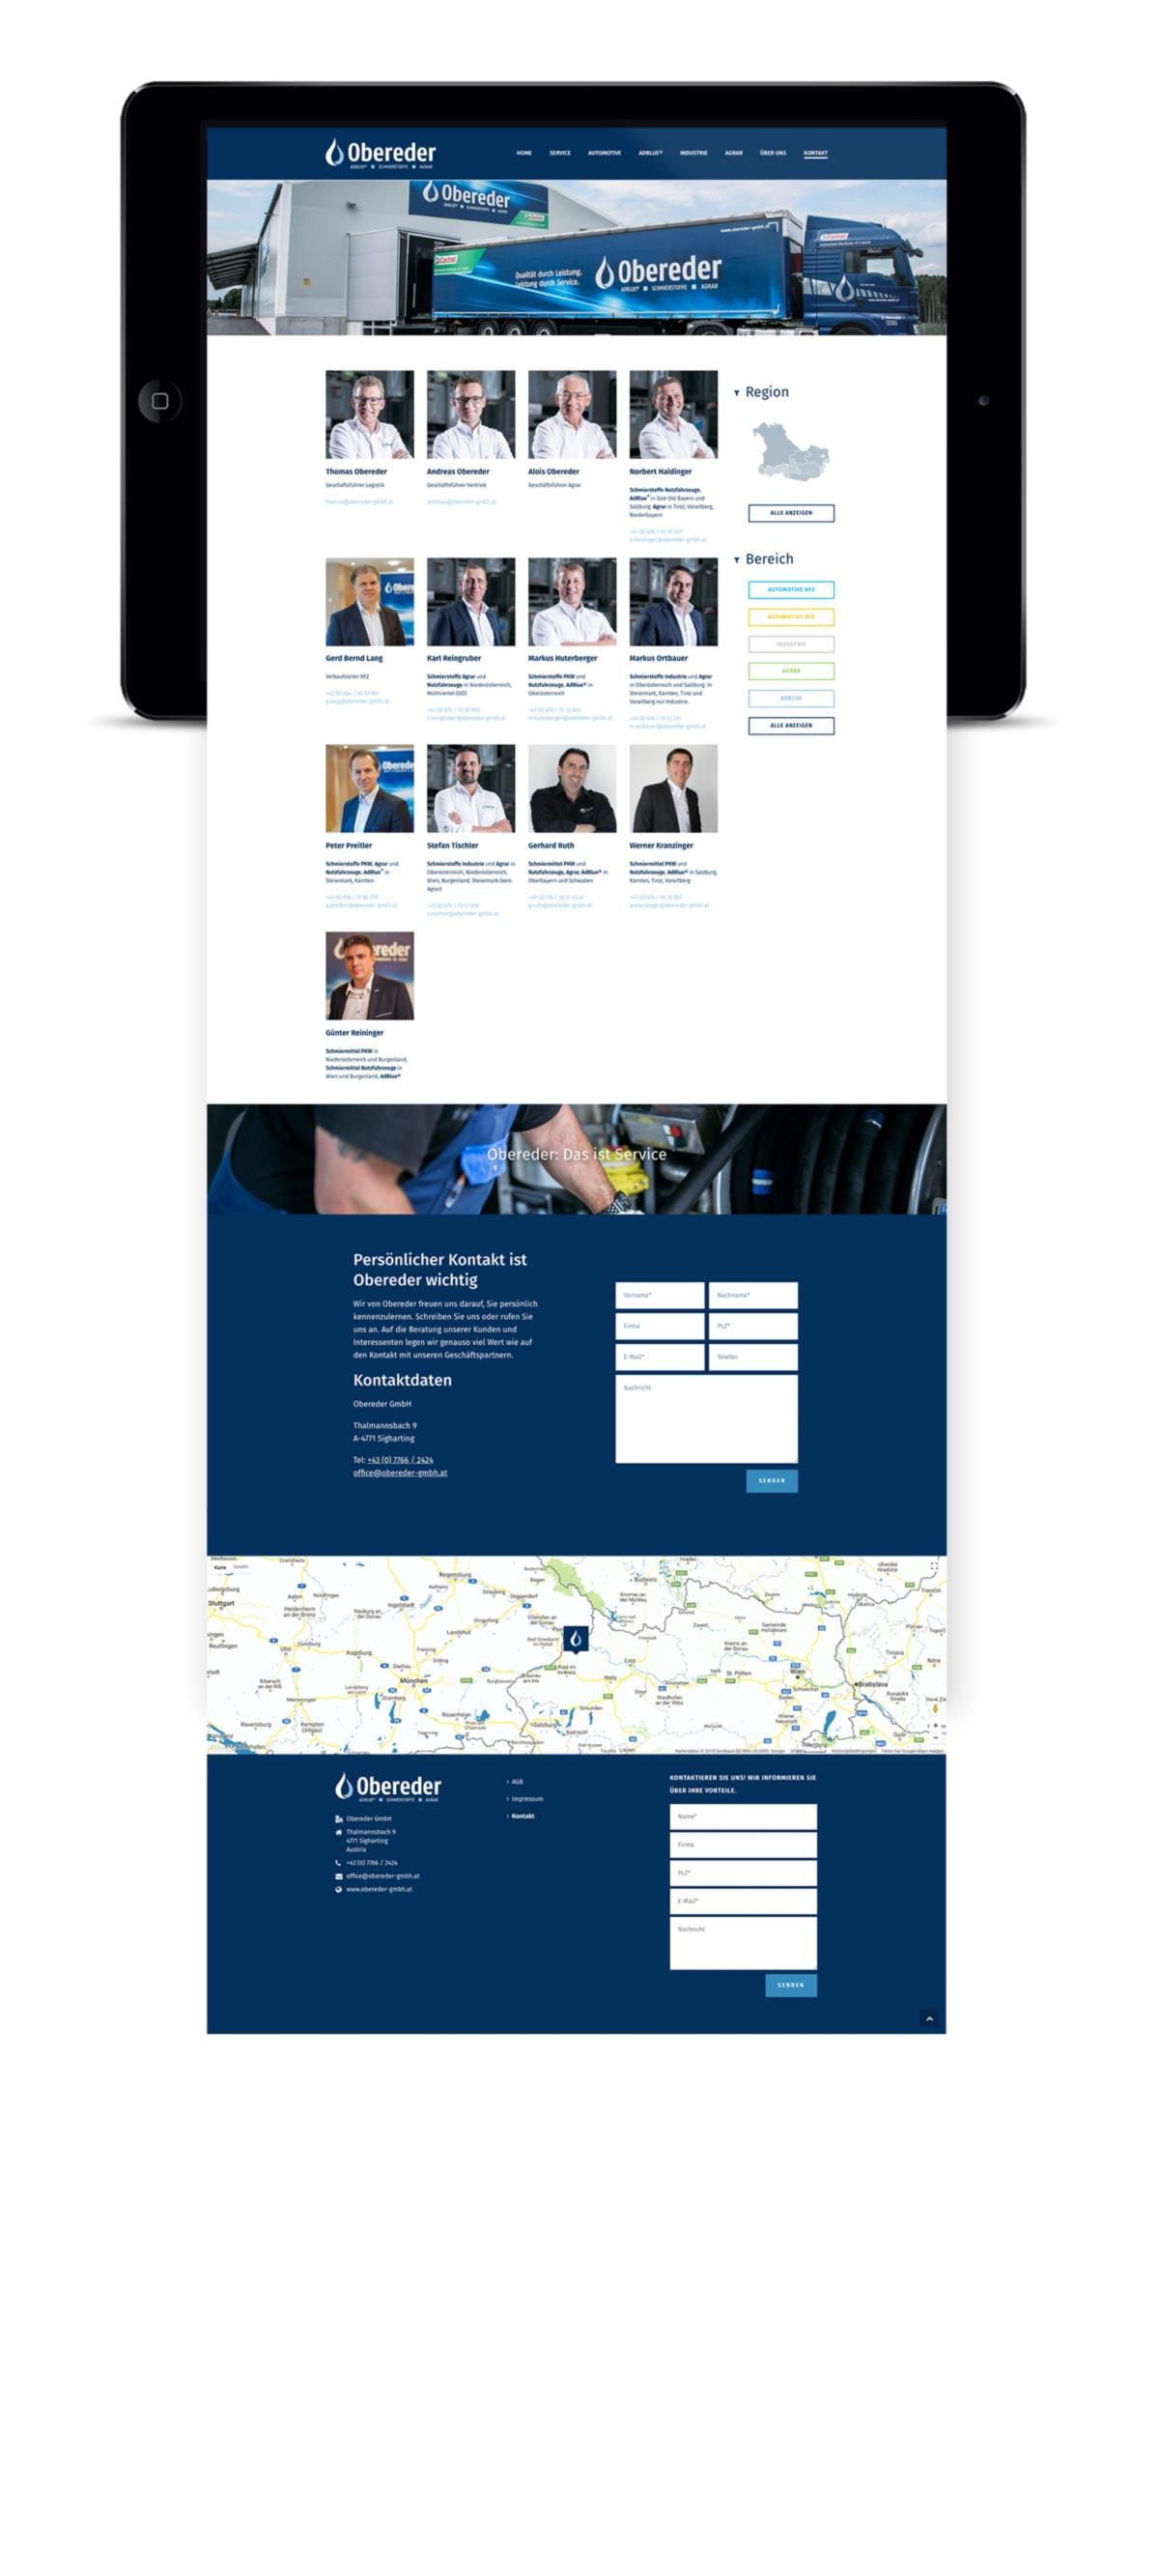 website-kontakte-obereder-gmbh-designkitchen.jpg